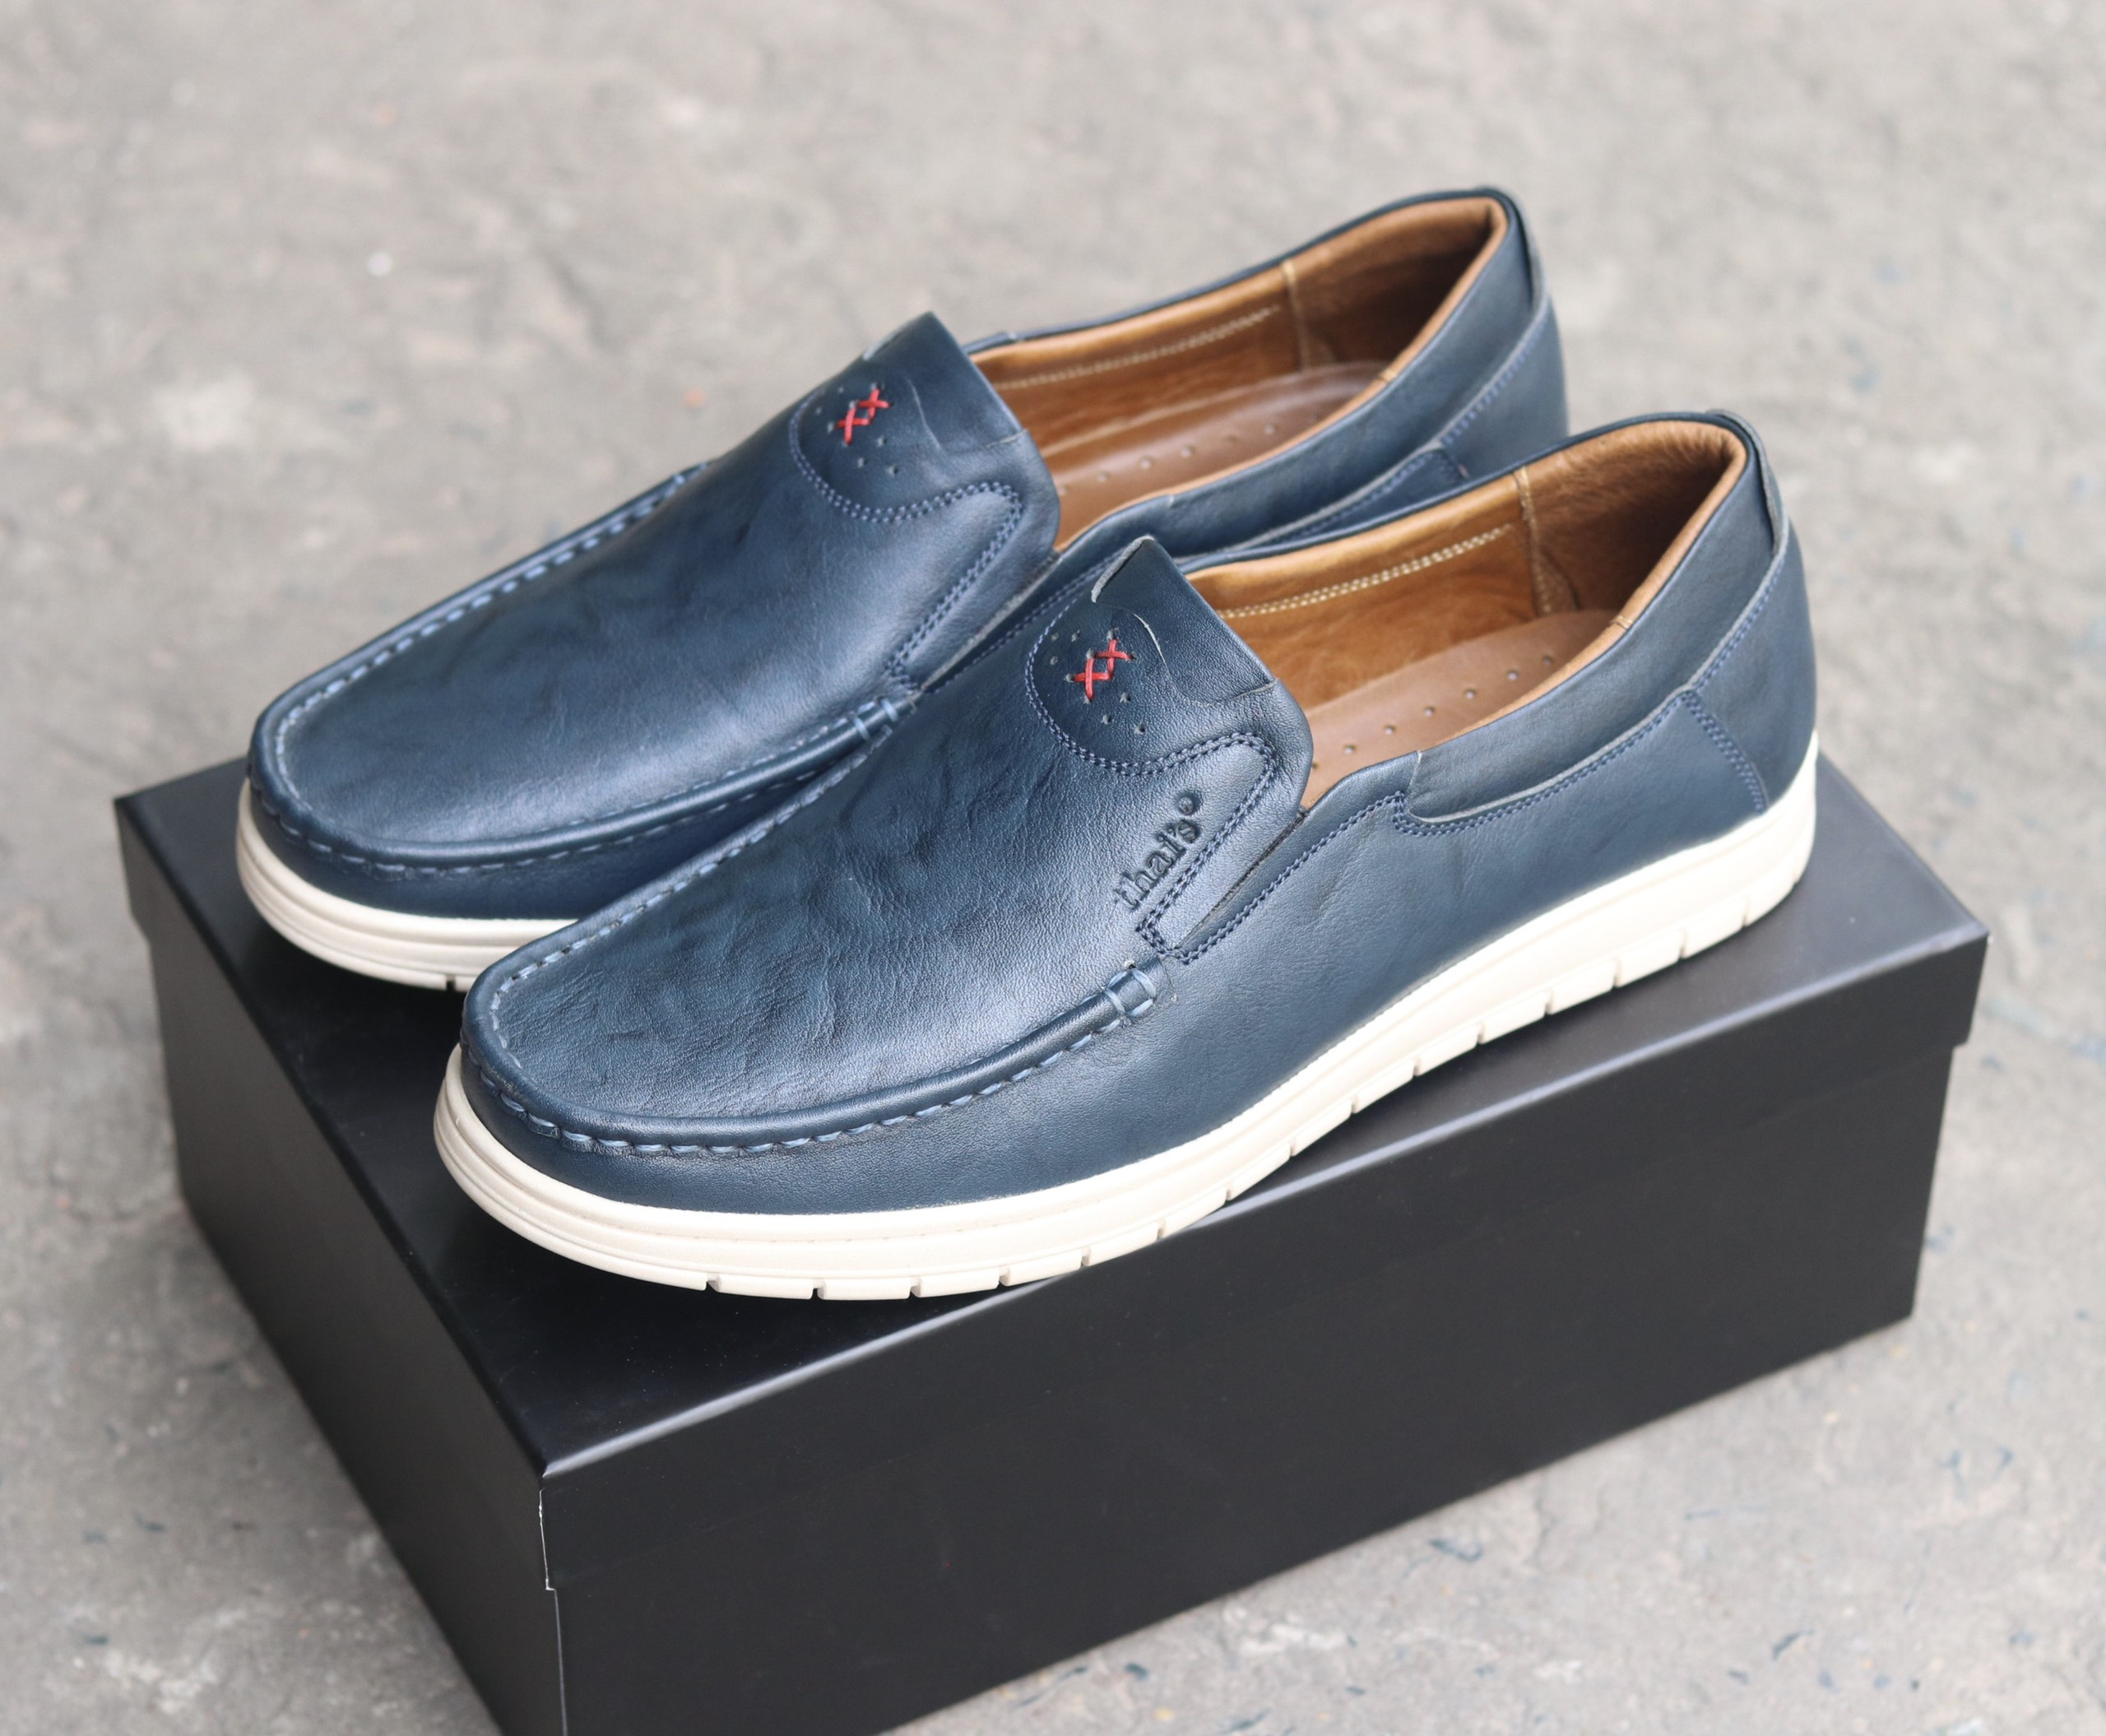 Giày lười da Thái Lan đẹp sang trọng TH04 (Ảnh 3)